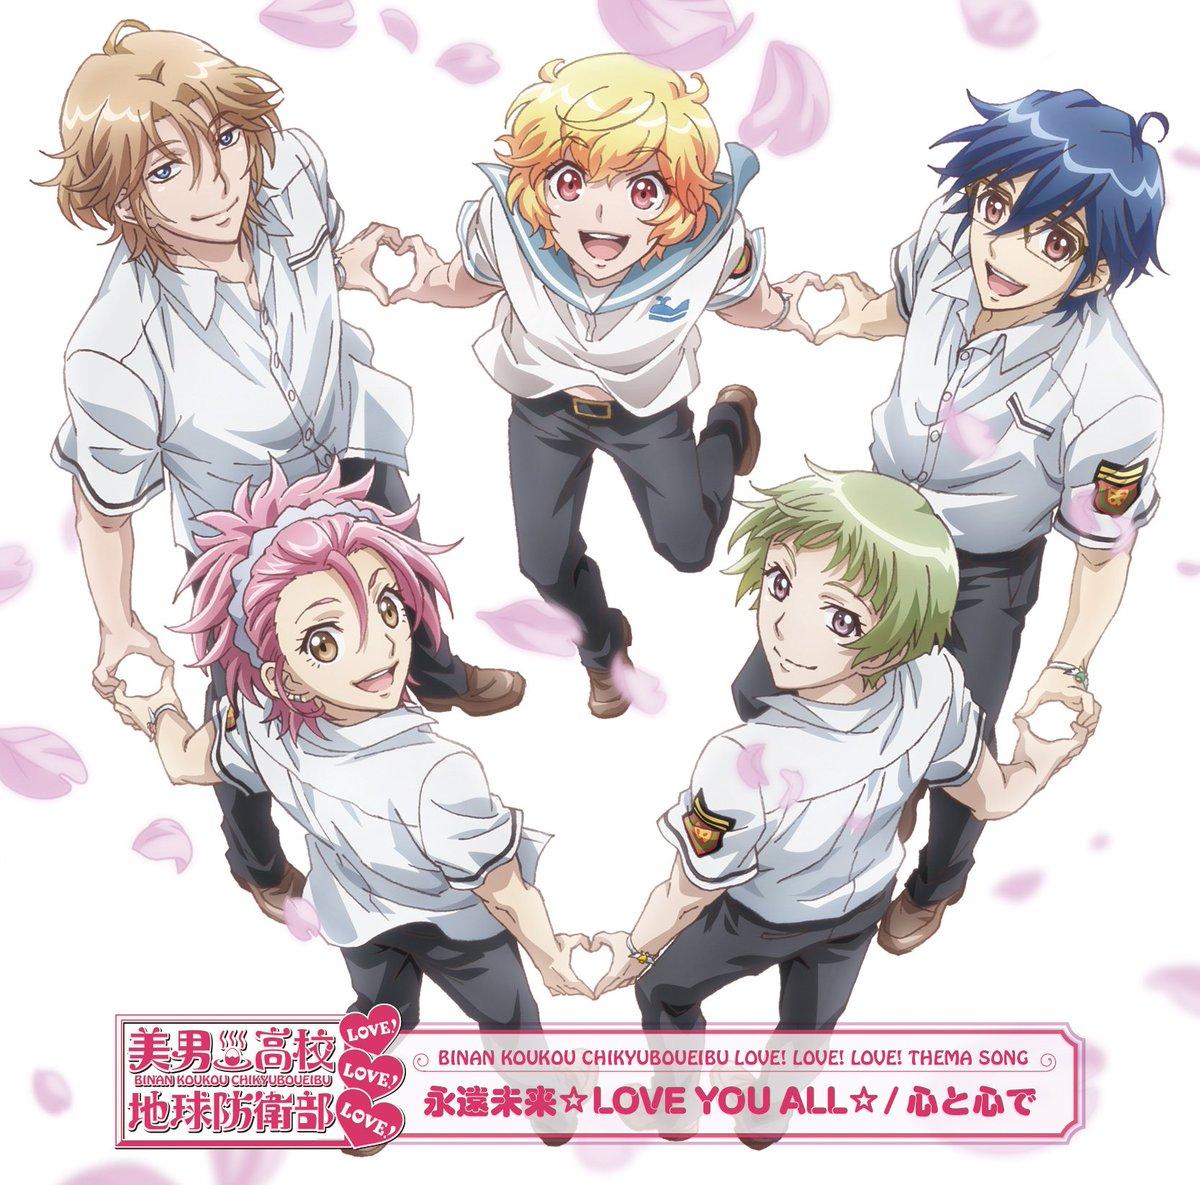 美男高校地球防衛部LOVE!LOVE!LOVE!OPテーマ&EDテーマ「永遠未来☆LOVE YOU ALL☆/心と心で」ジャケット写真公開!8月23日発売です! #boueibu